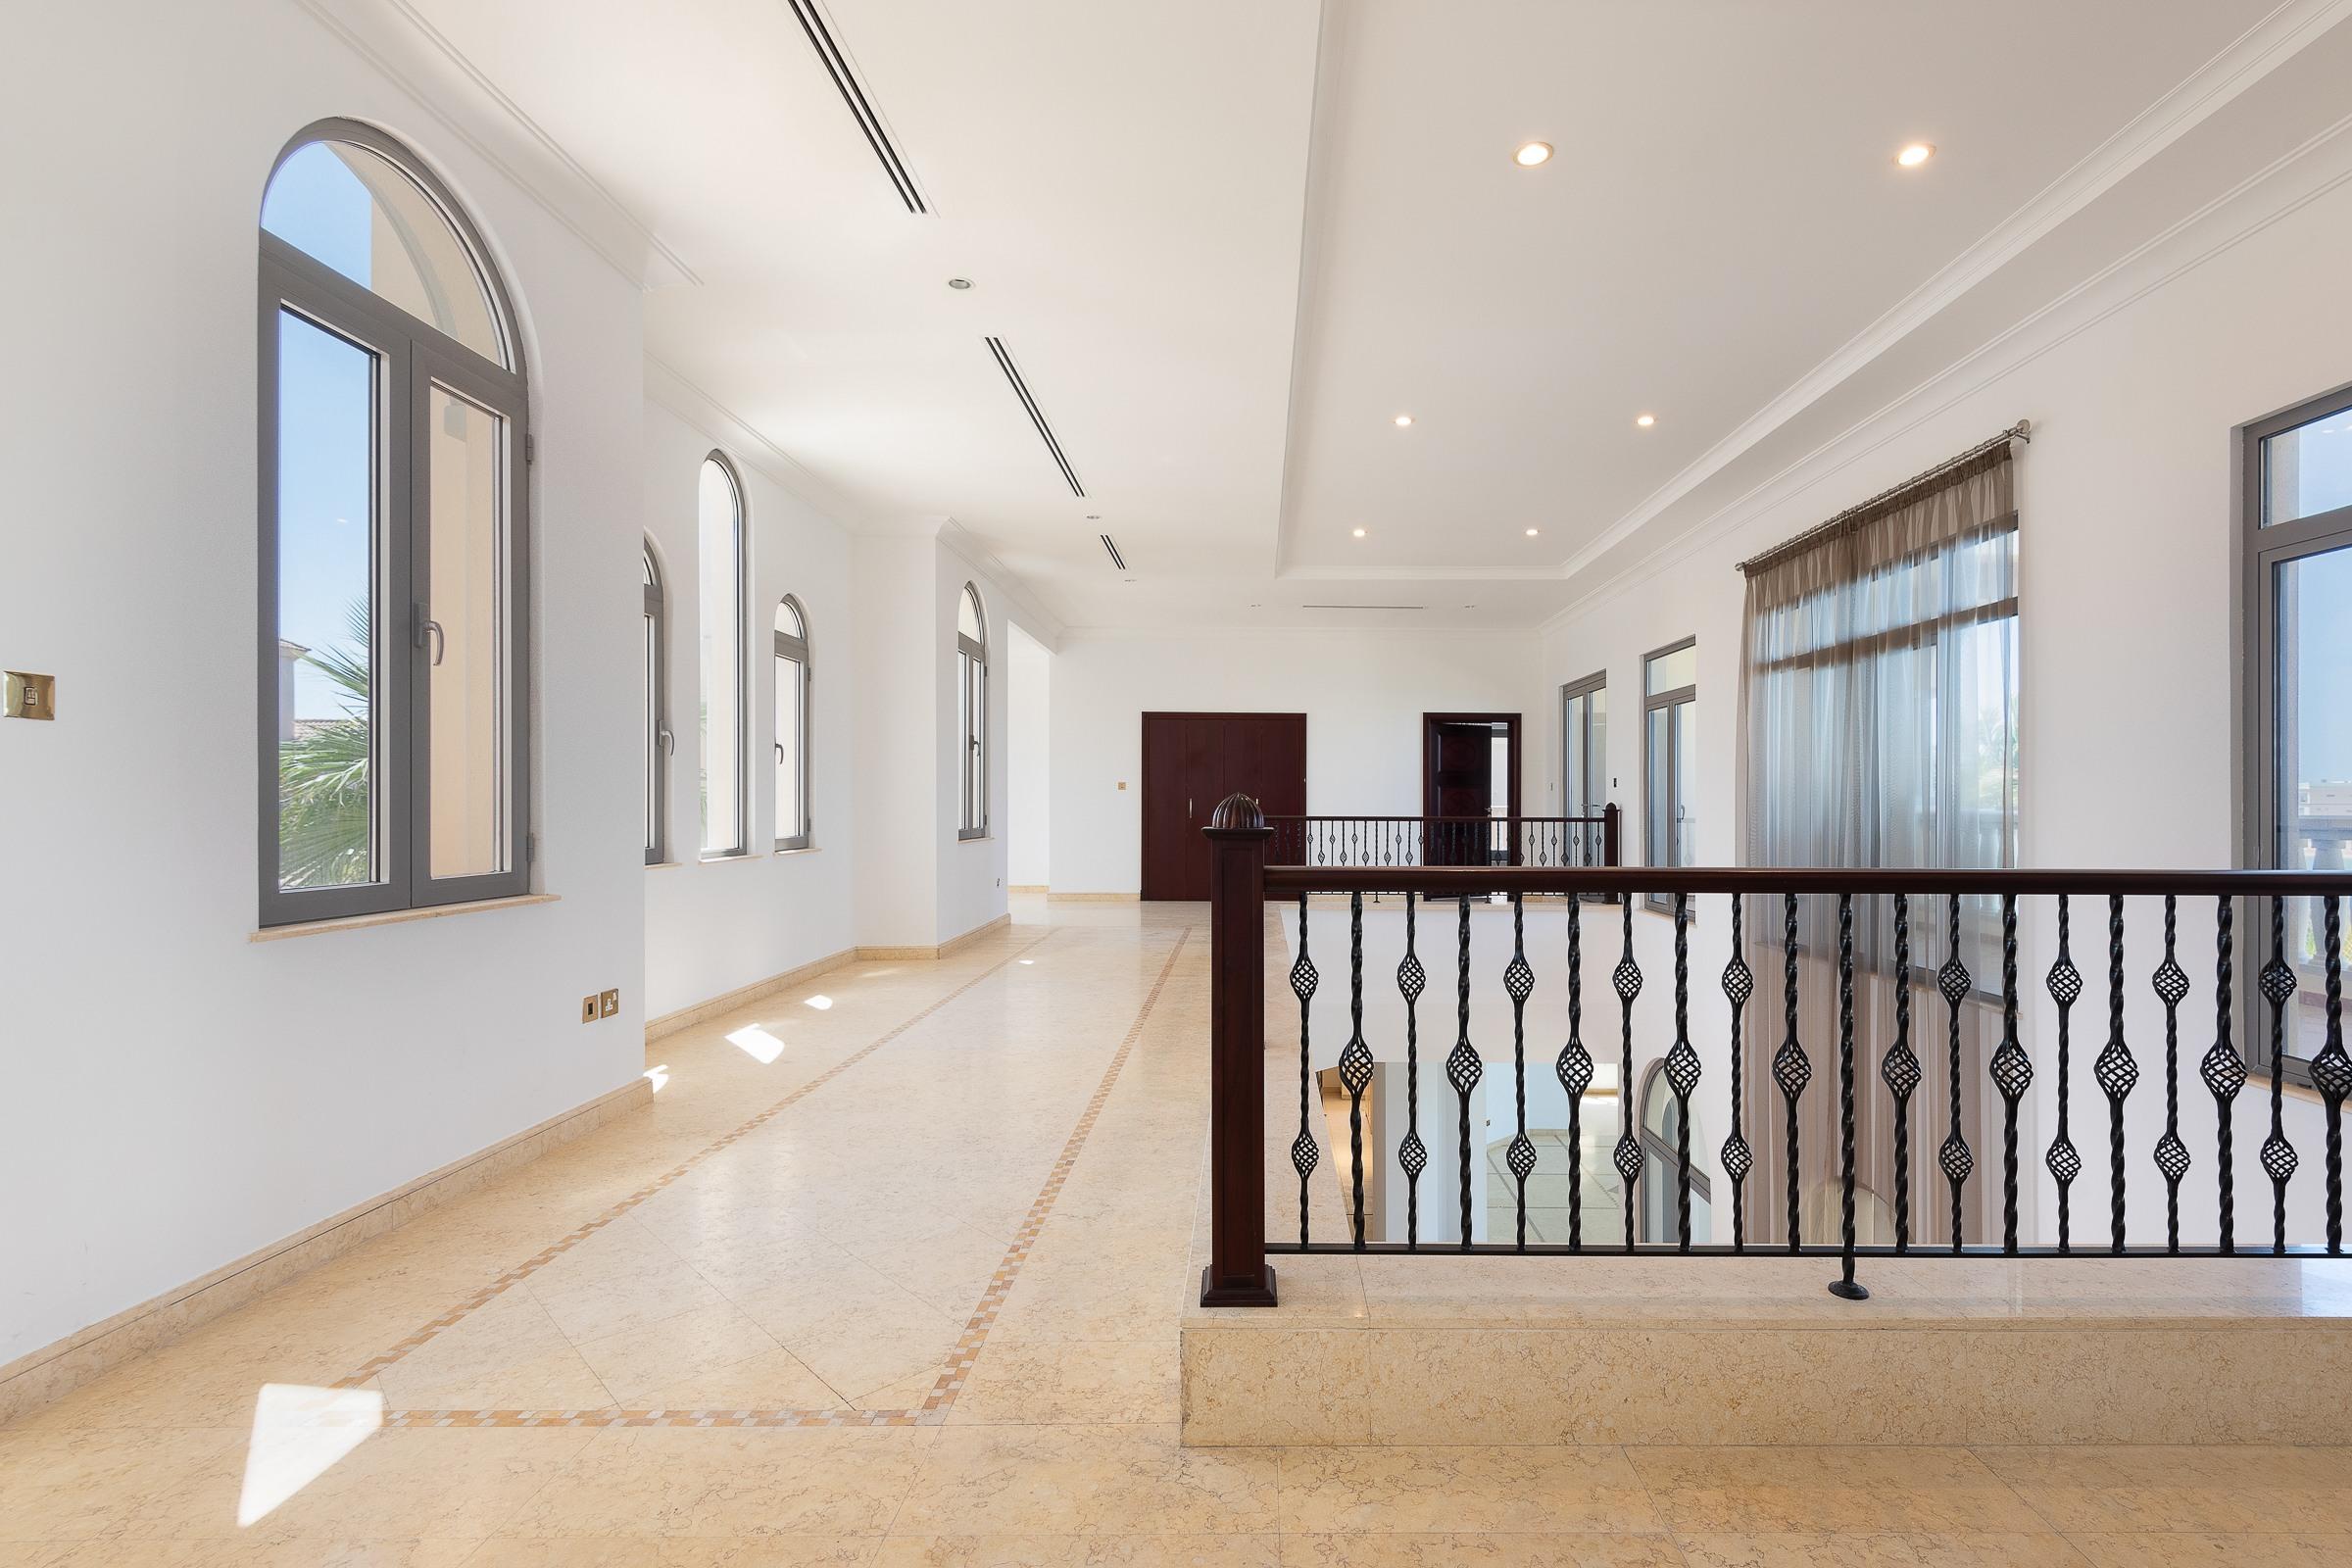 Gallery Views | European Style | 5 bedroom